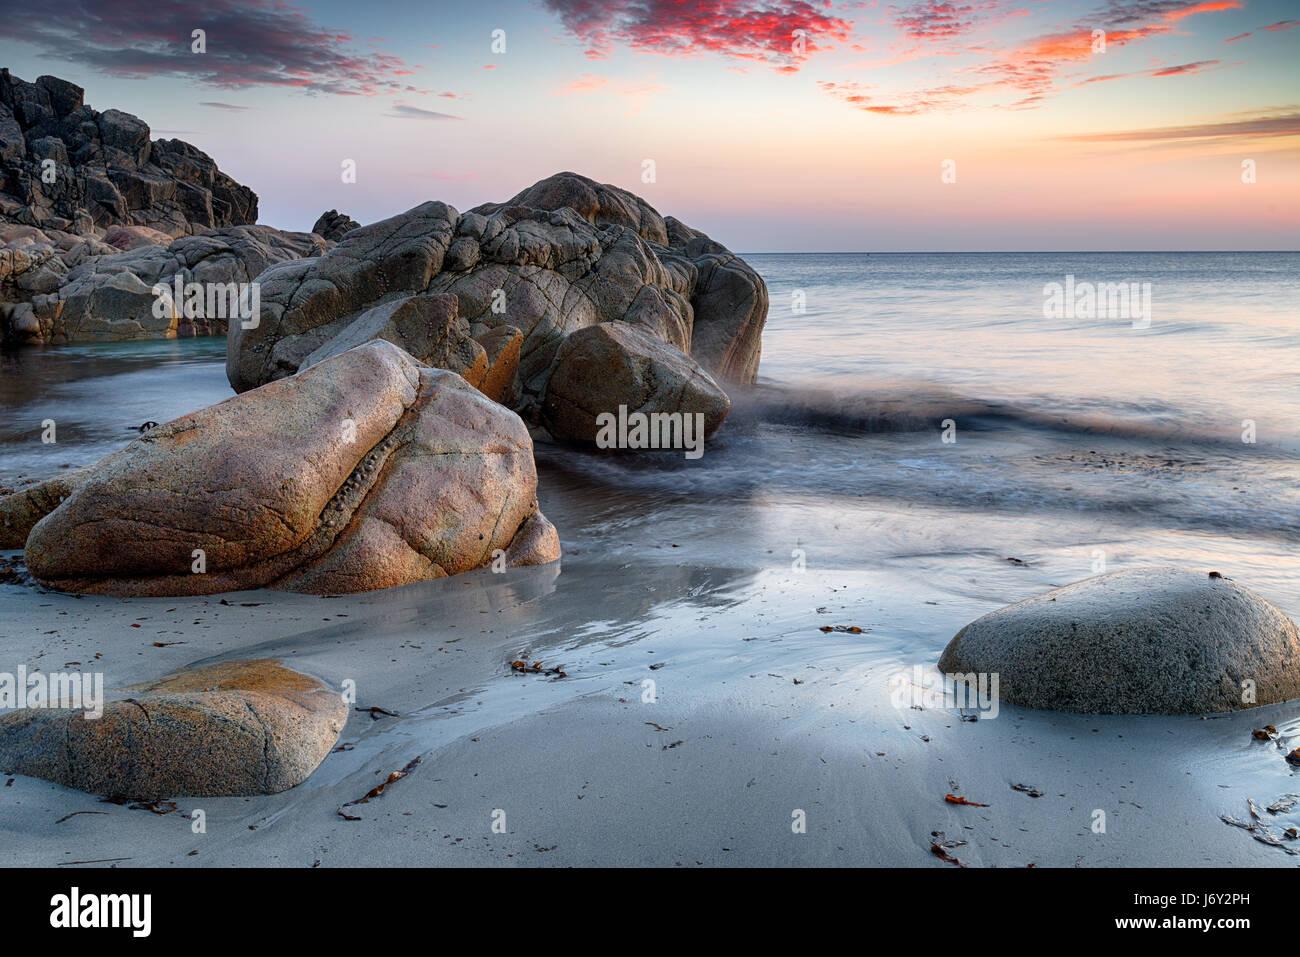 Mar rocas esculpidas en la playa en Porth Nanven cerca de Land's End, en la costa de Cornwall. Imagen De Stock